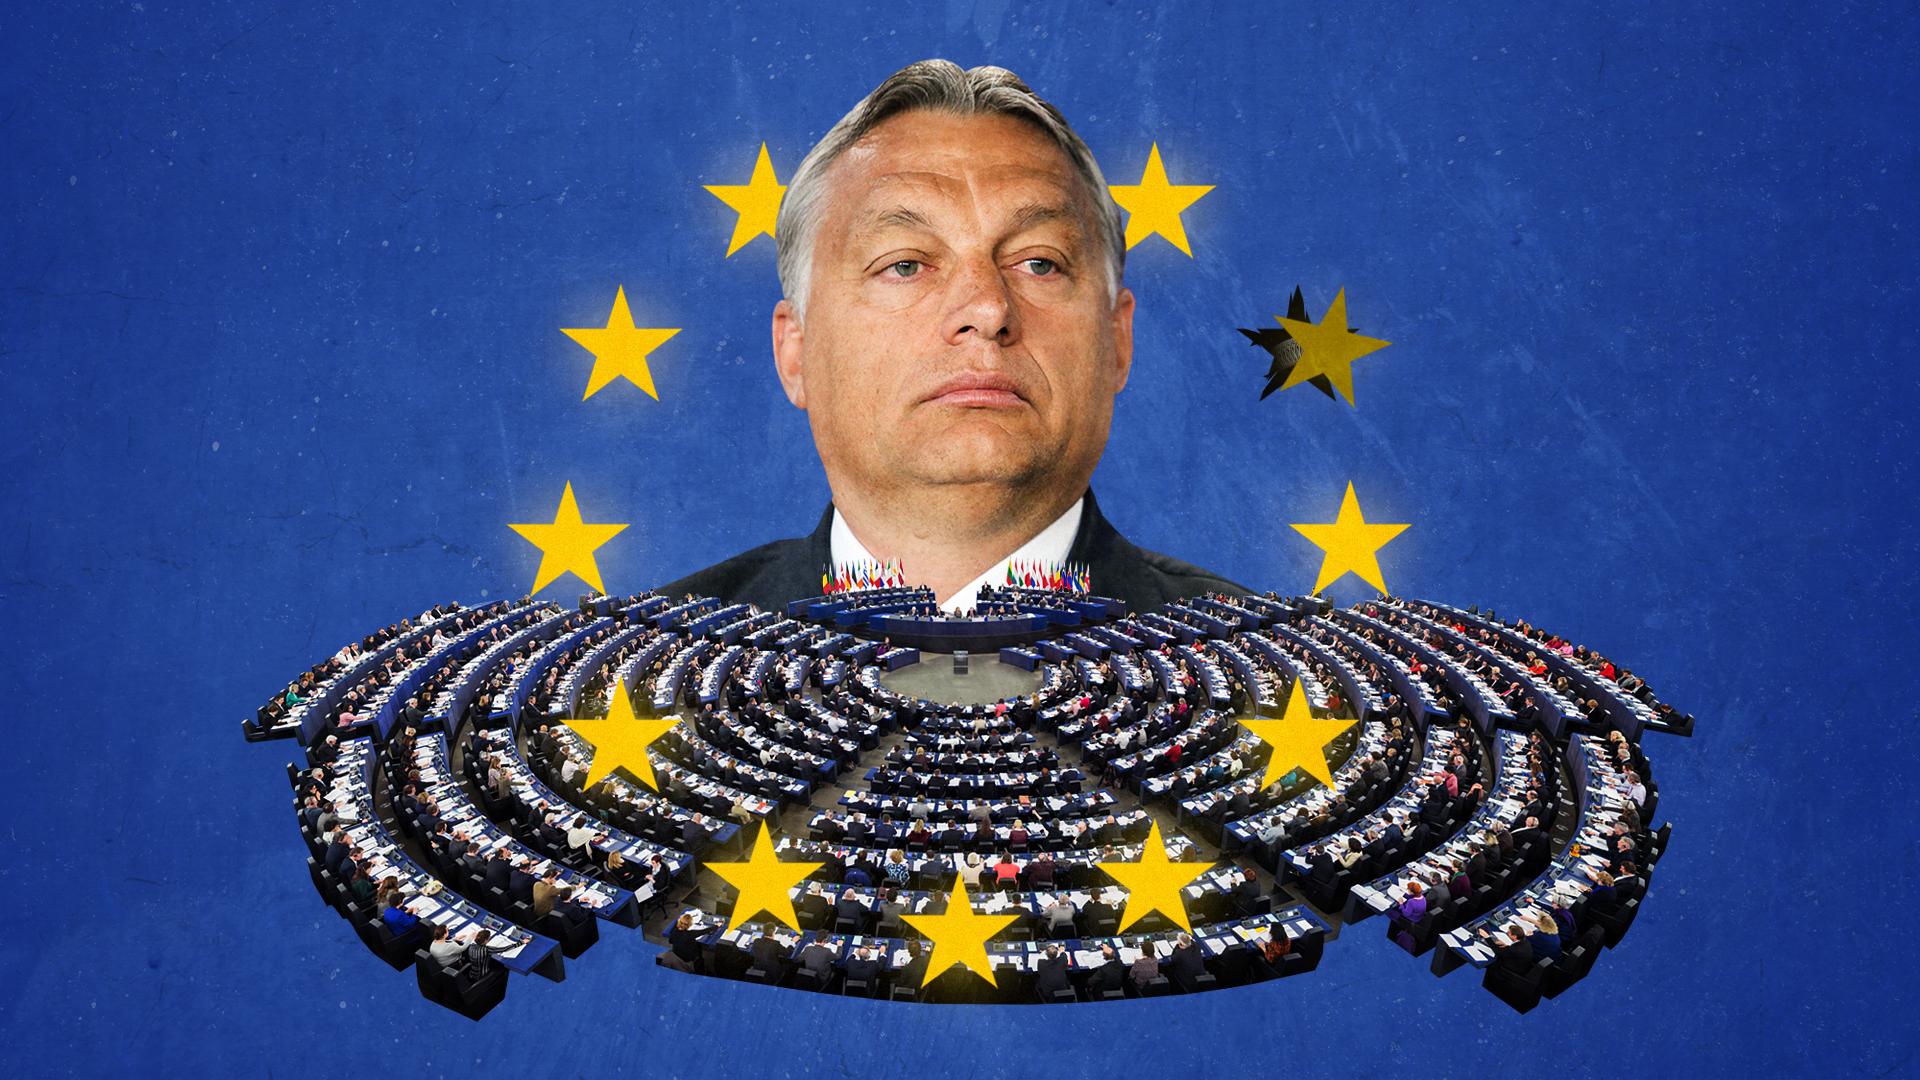 Európa pártjainak most el kell dönteniük, hogy elviselik-e Orbánt